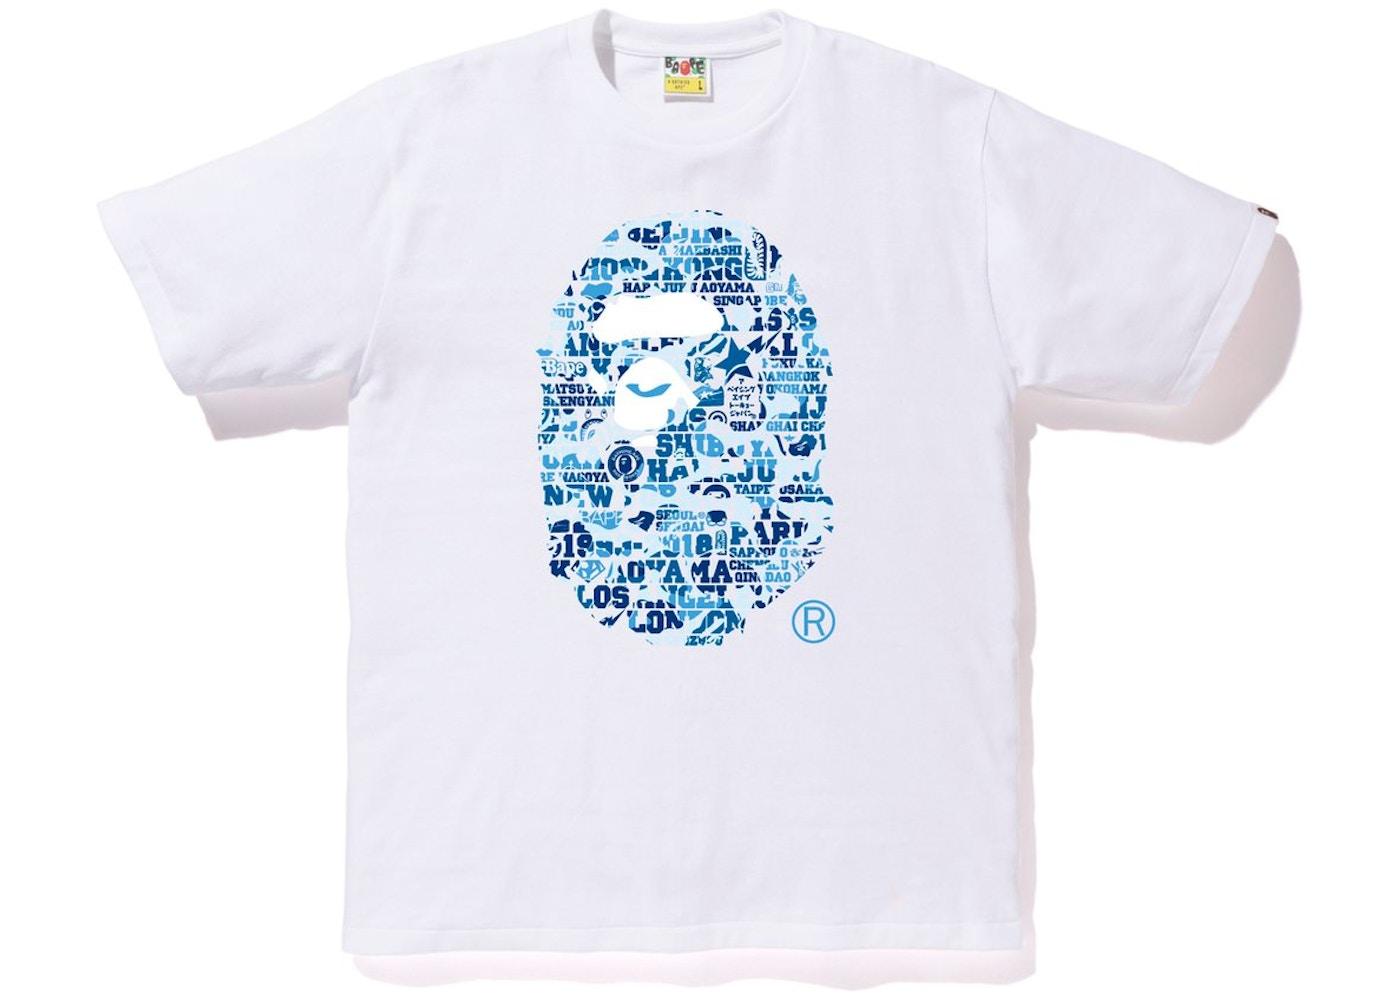 d1991dad6223 Streetwear - Bape T-Shirts - New Lowest Asks